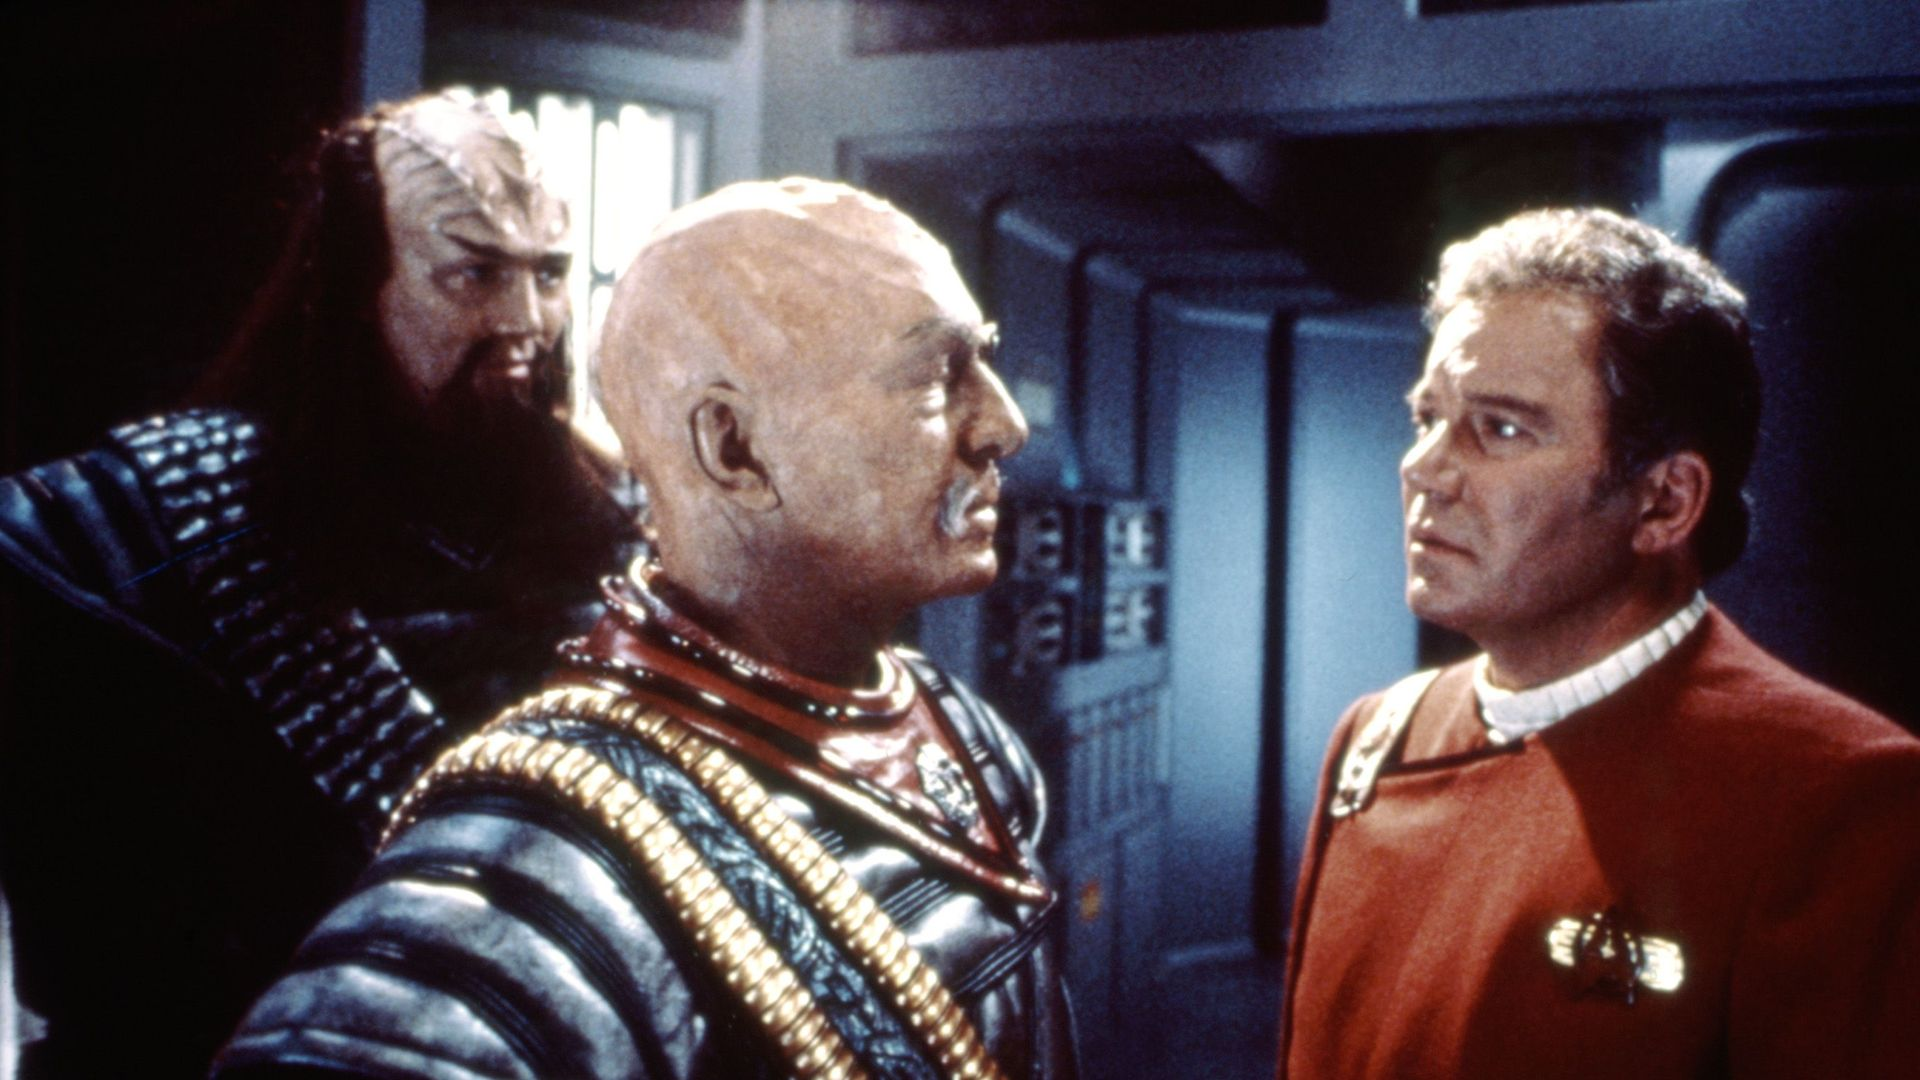 STAR TREK VI: THE UNDISCOVERED COUNTRY, Christopher Plummer, William Shatner, 1991.